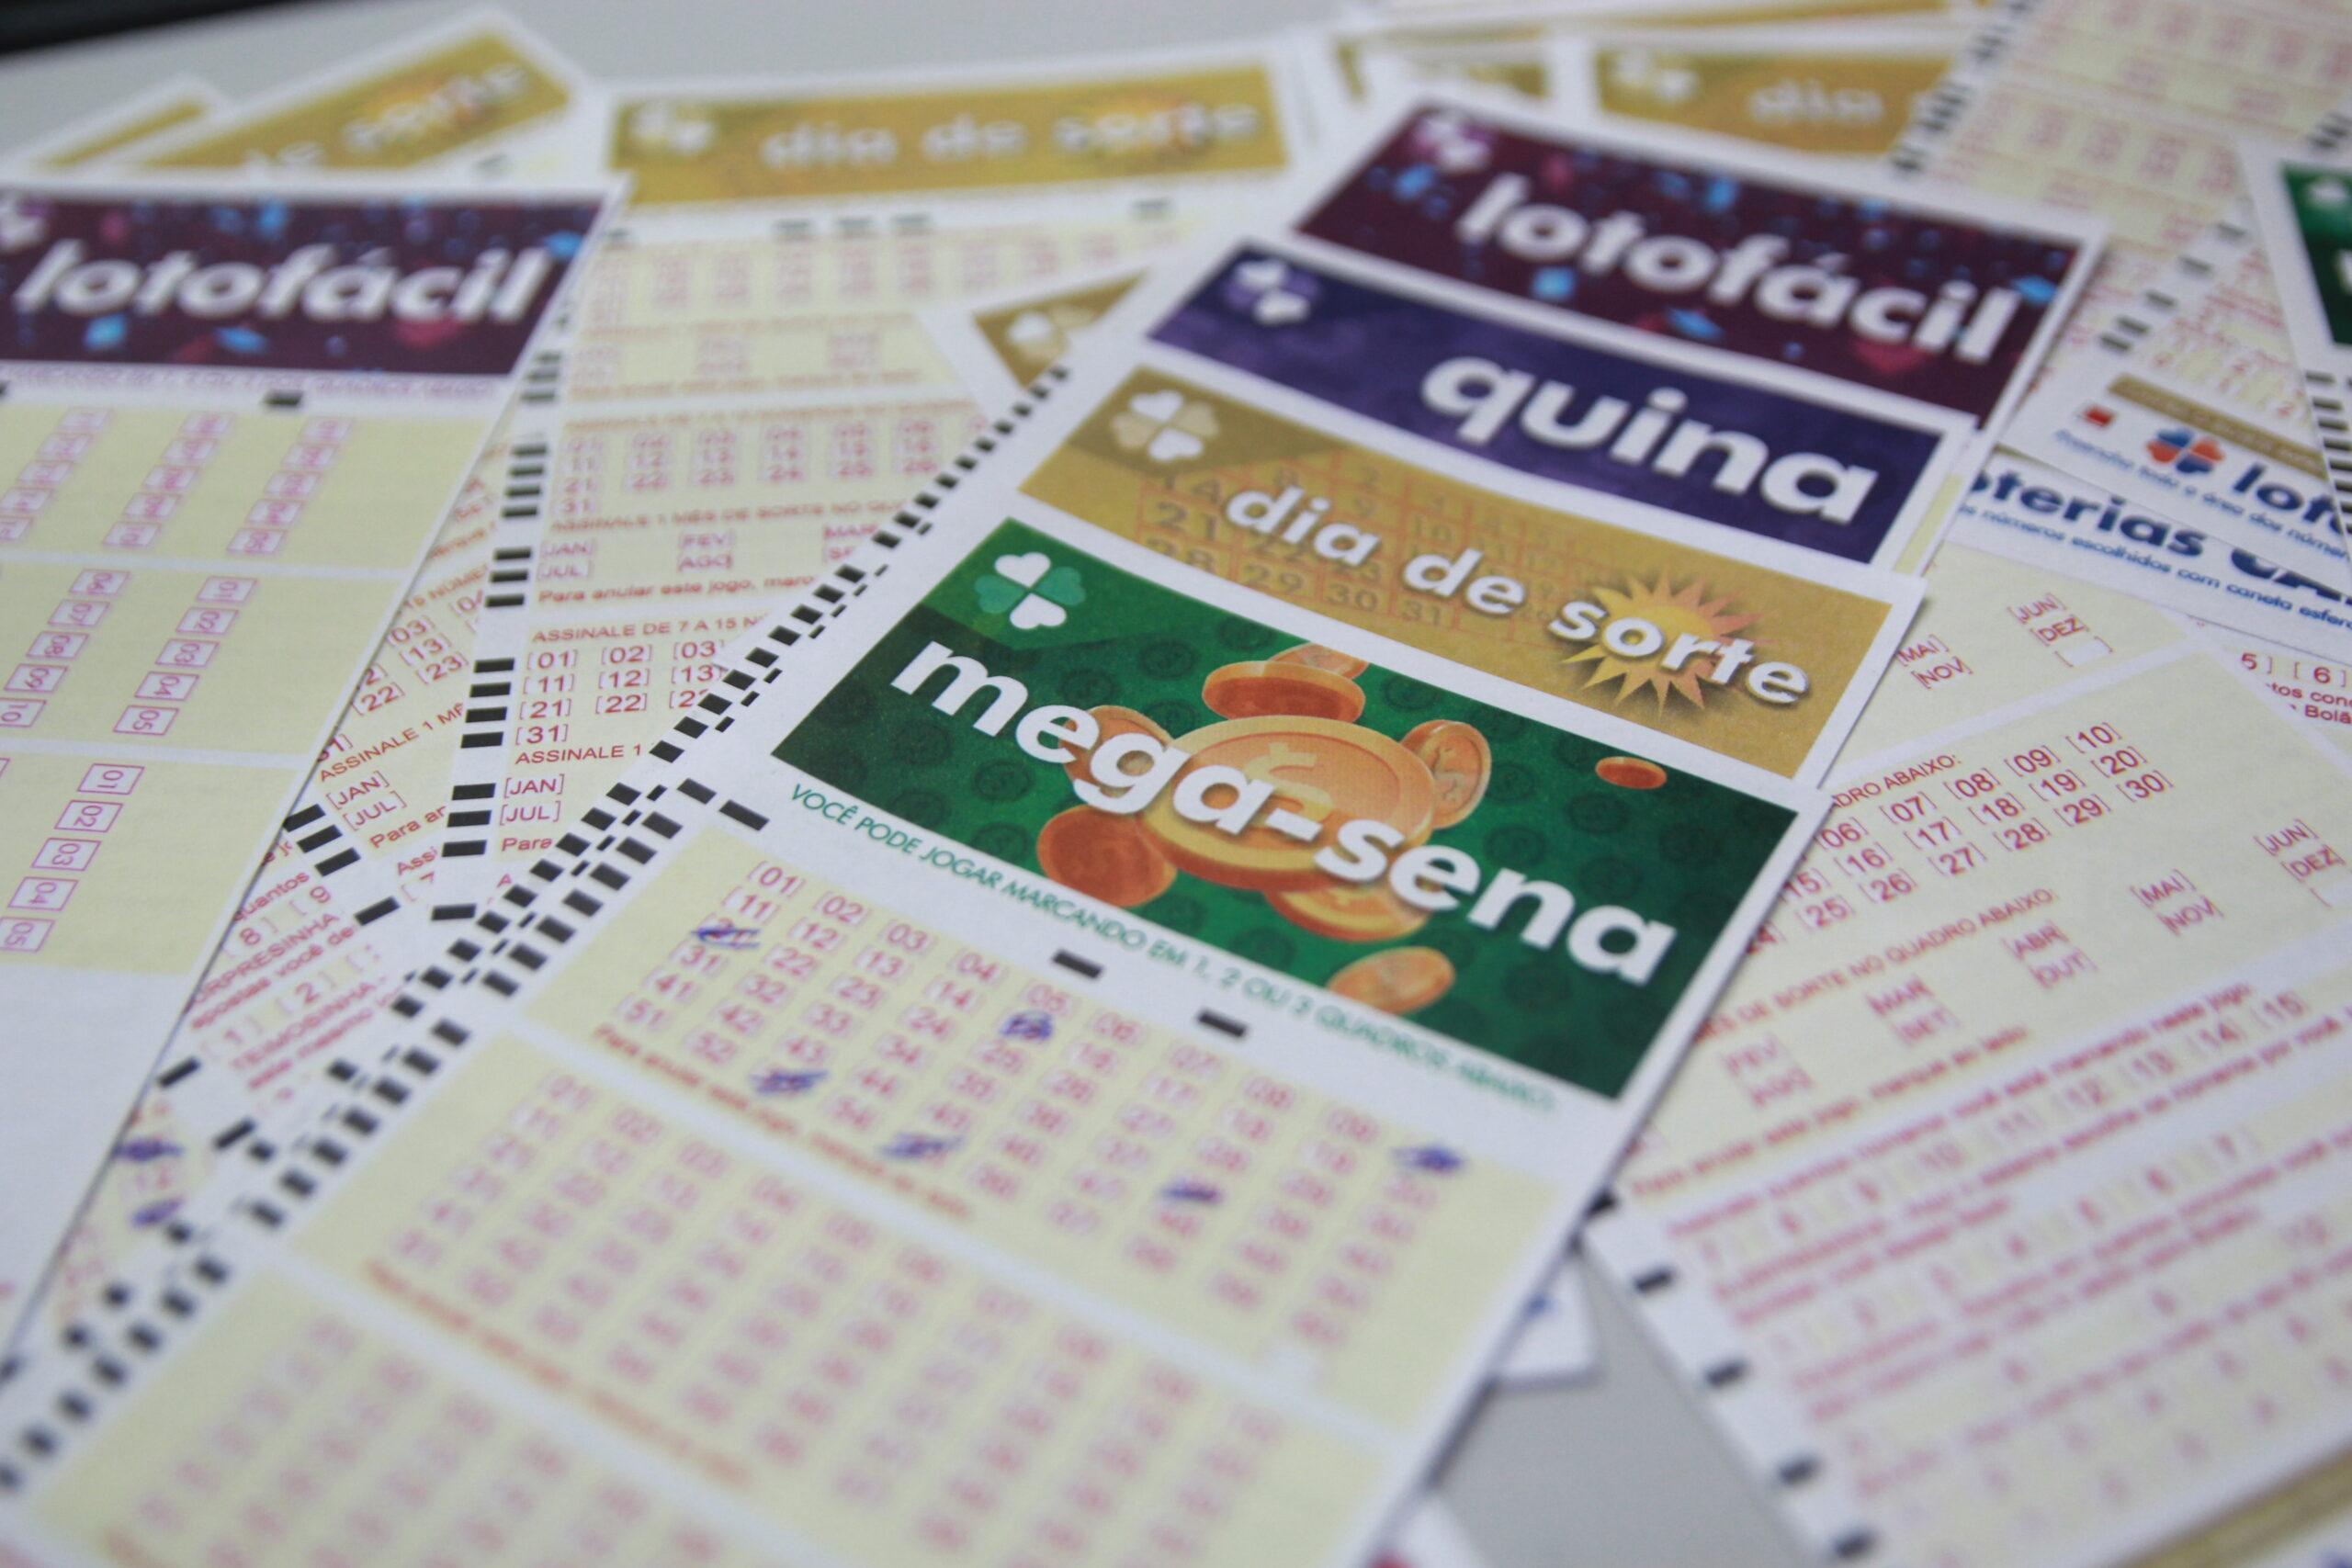 Loterias: confira o resultado da Mega-Sena 2422, Lotofácil 2355 e outros sorteios de sábado (23/10)